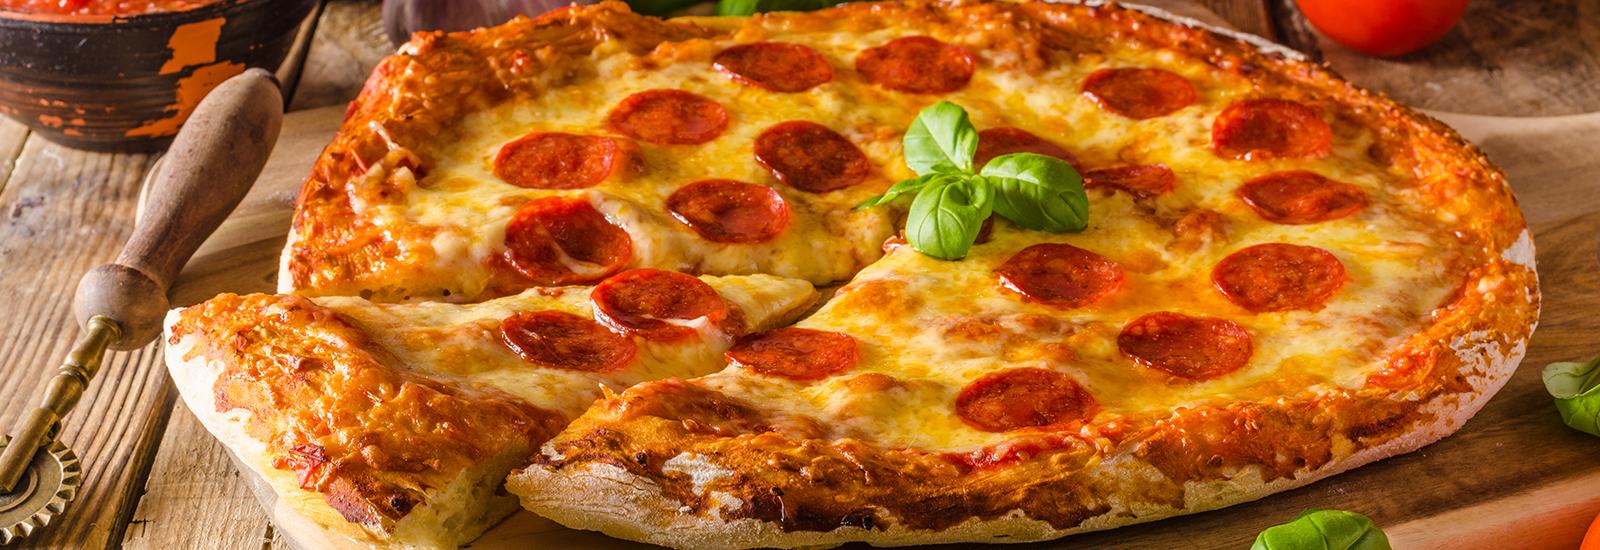 Pizza Zio Pizza Zio Dawley Takeaway Order Online